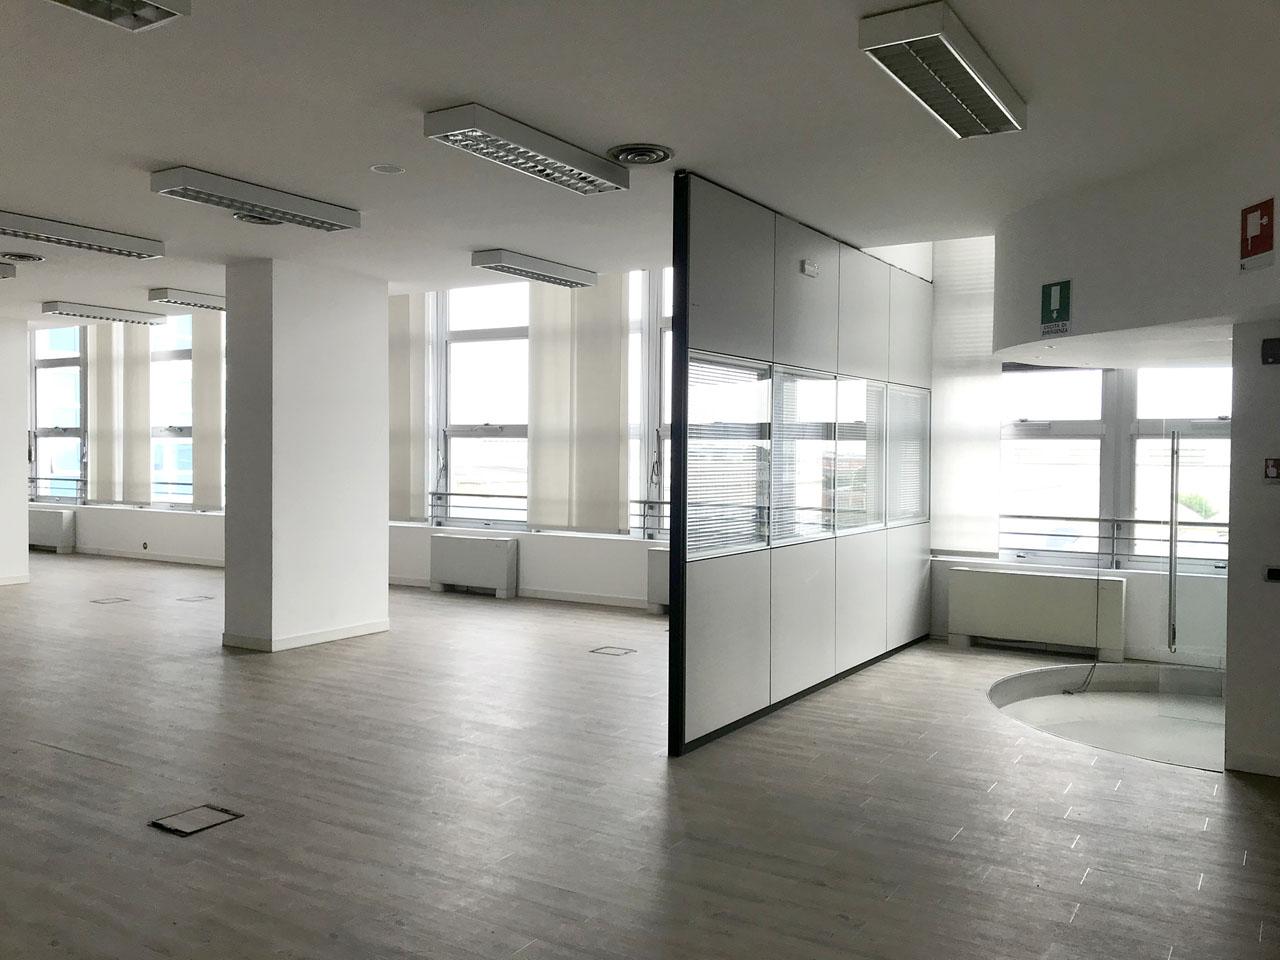 ufficio 430 mq secondo piano - Atlantic Business Center - ingresso e open space